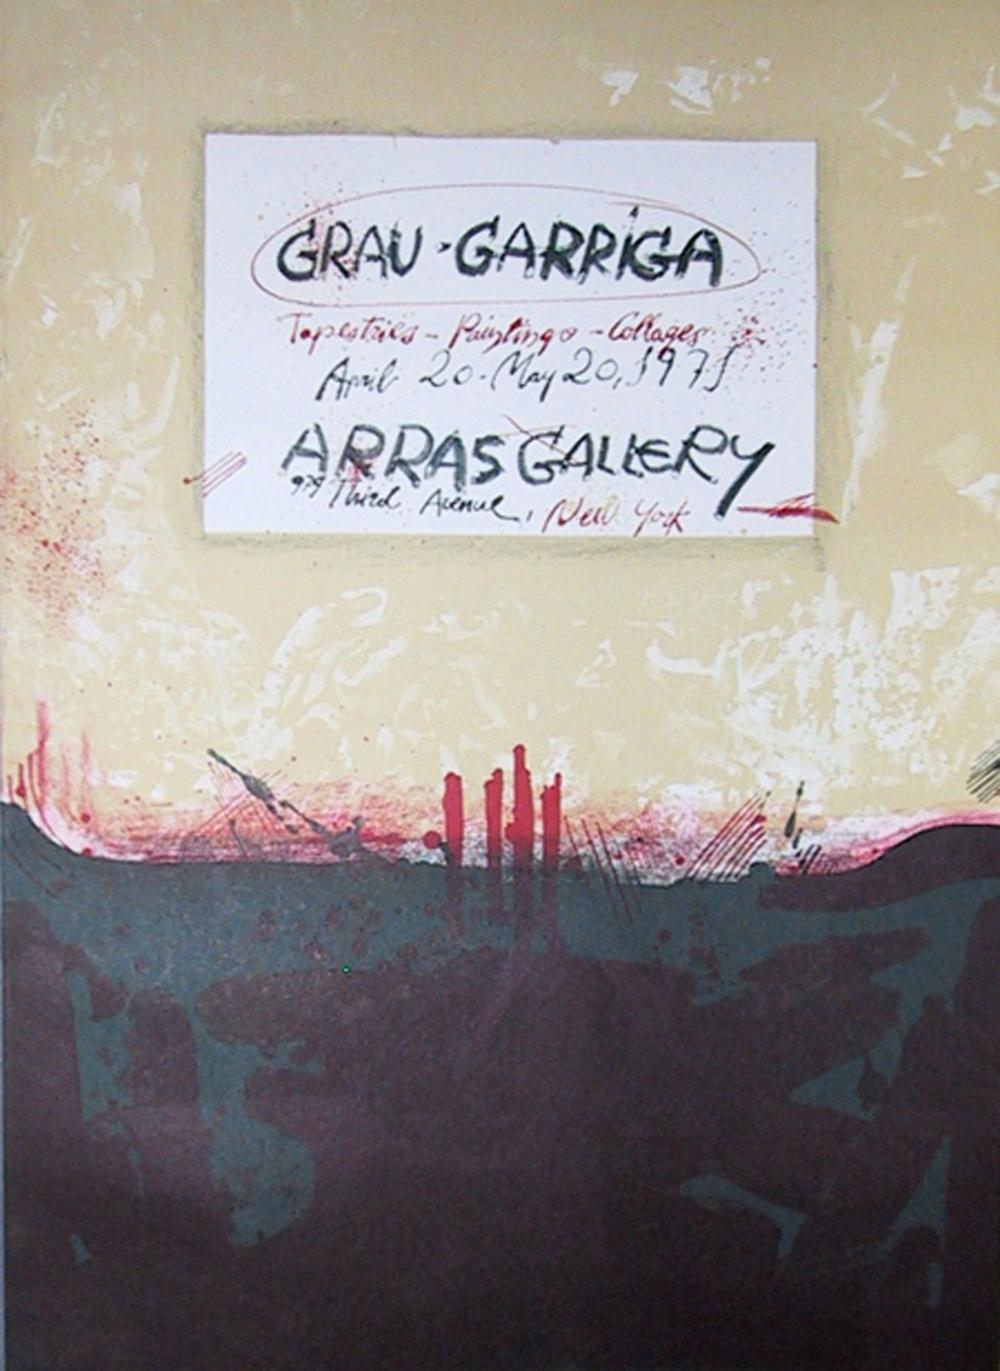 Josep Grau-Garriga, Arras Gallery Exhibition, Lithograph Poster